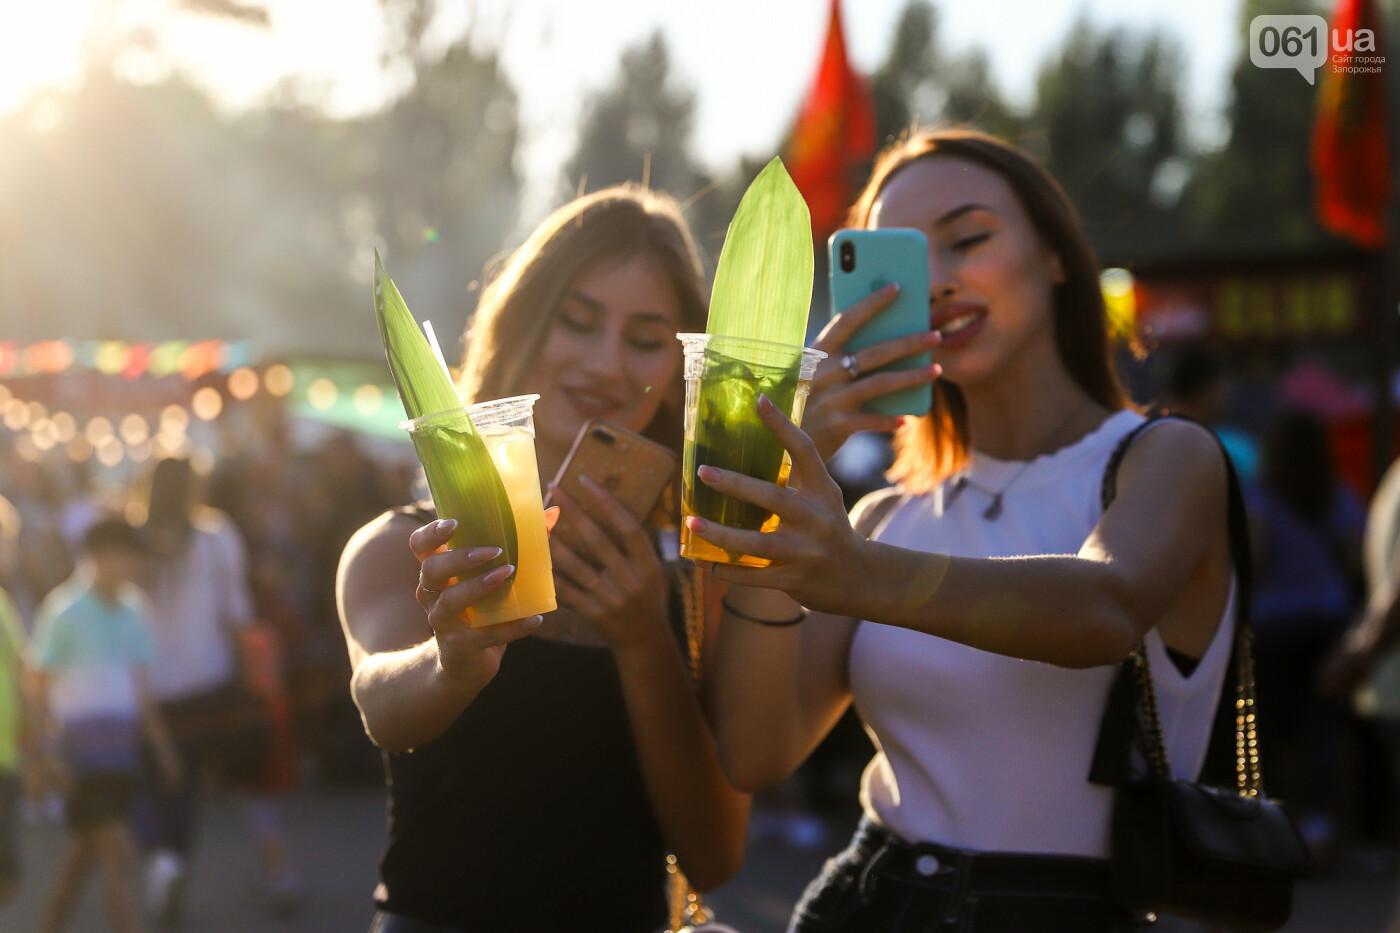 ЛГБТ-прайд, эко-митинг и восстановленные скульптуры в сквере Пионеров: сентябрь в фотографиях , фото-30